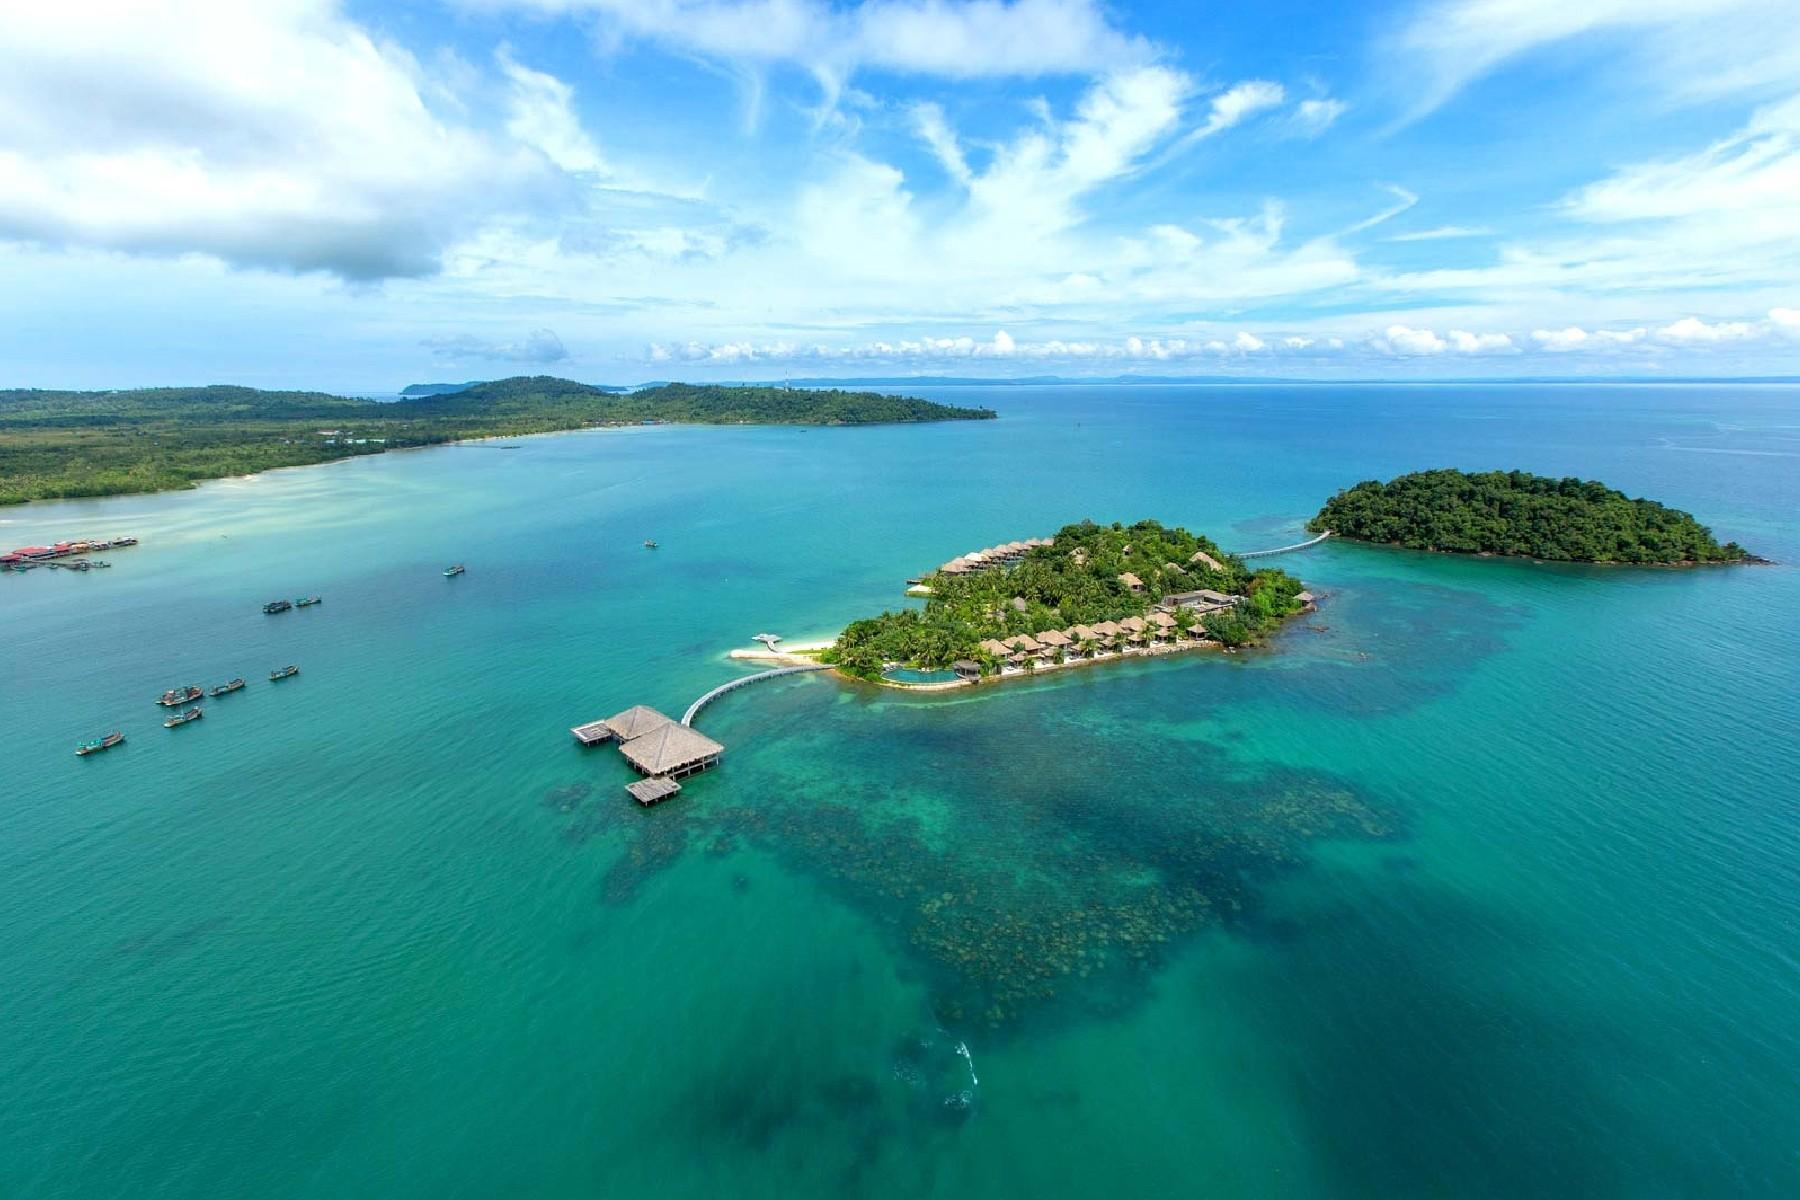 夫婦46萬買下島嶼,轉手立馬變斂財勝地(誤)